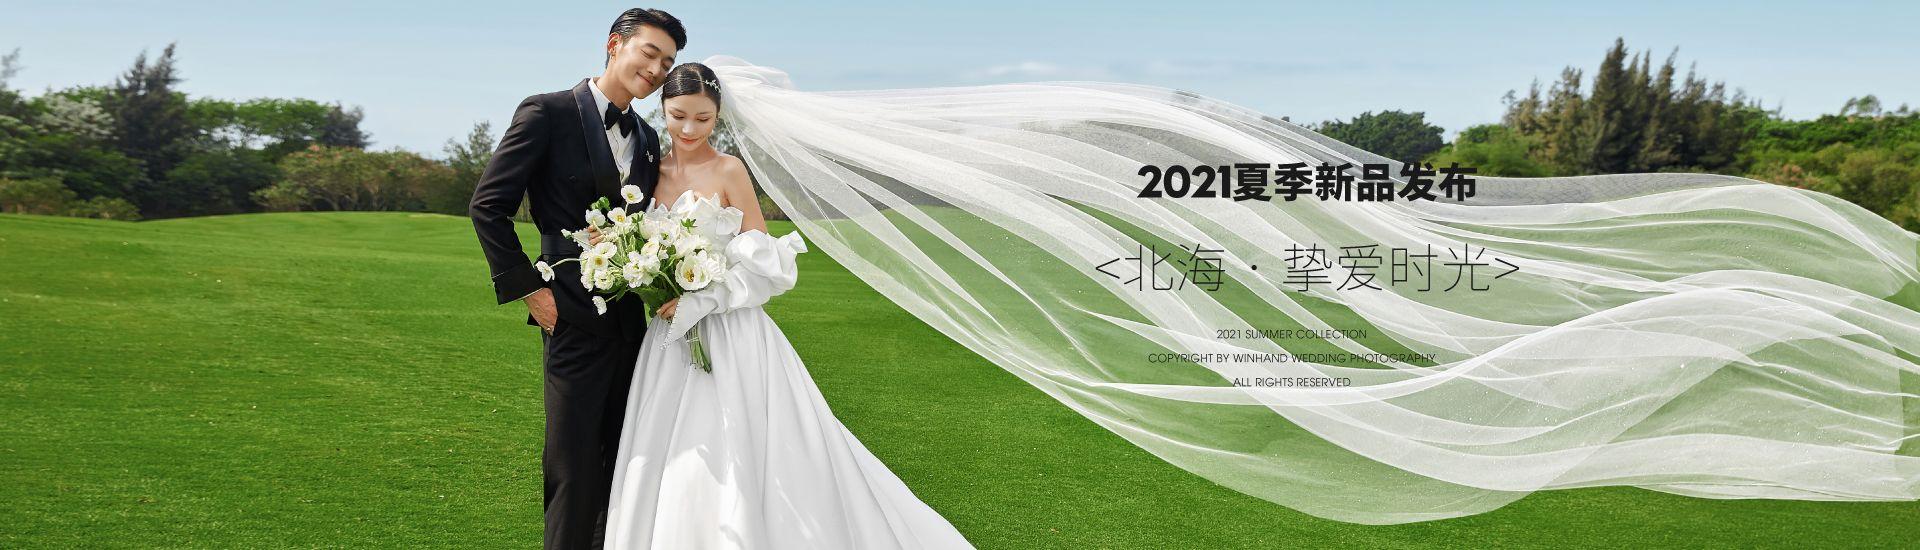 2021夏季新品发布-挚爱时光